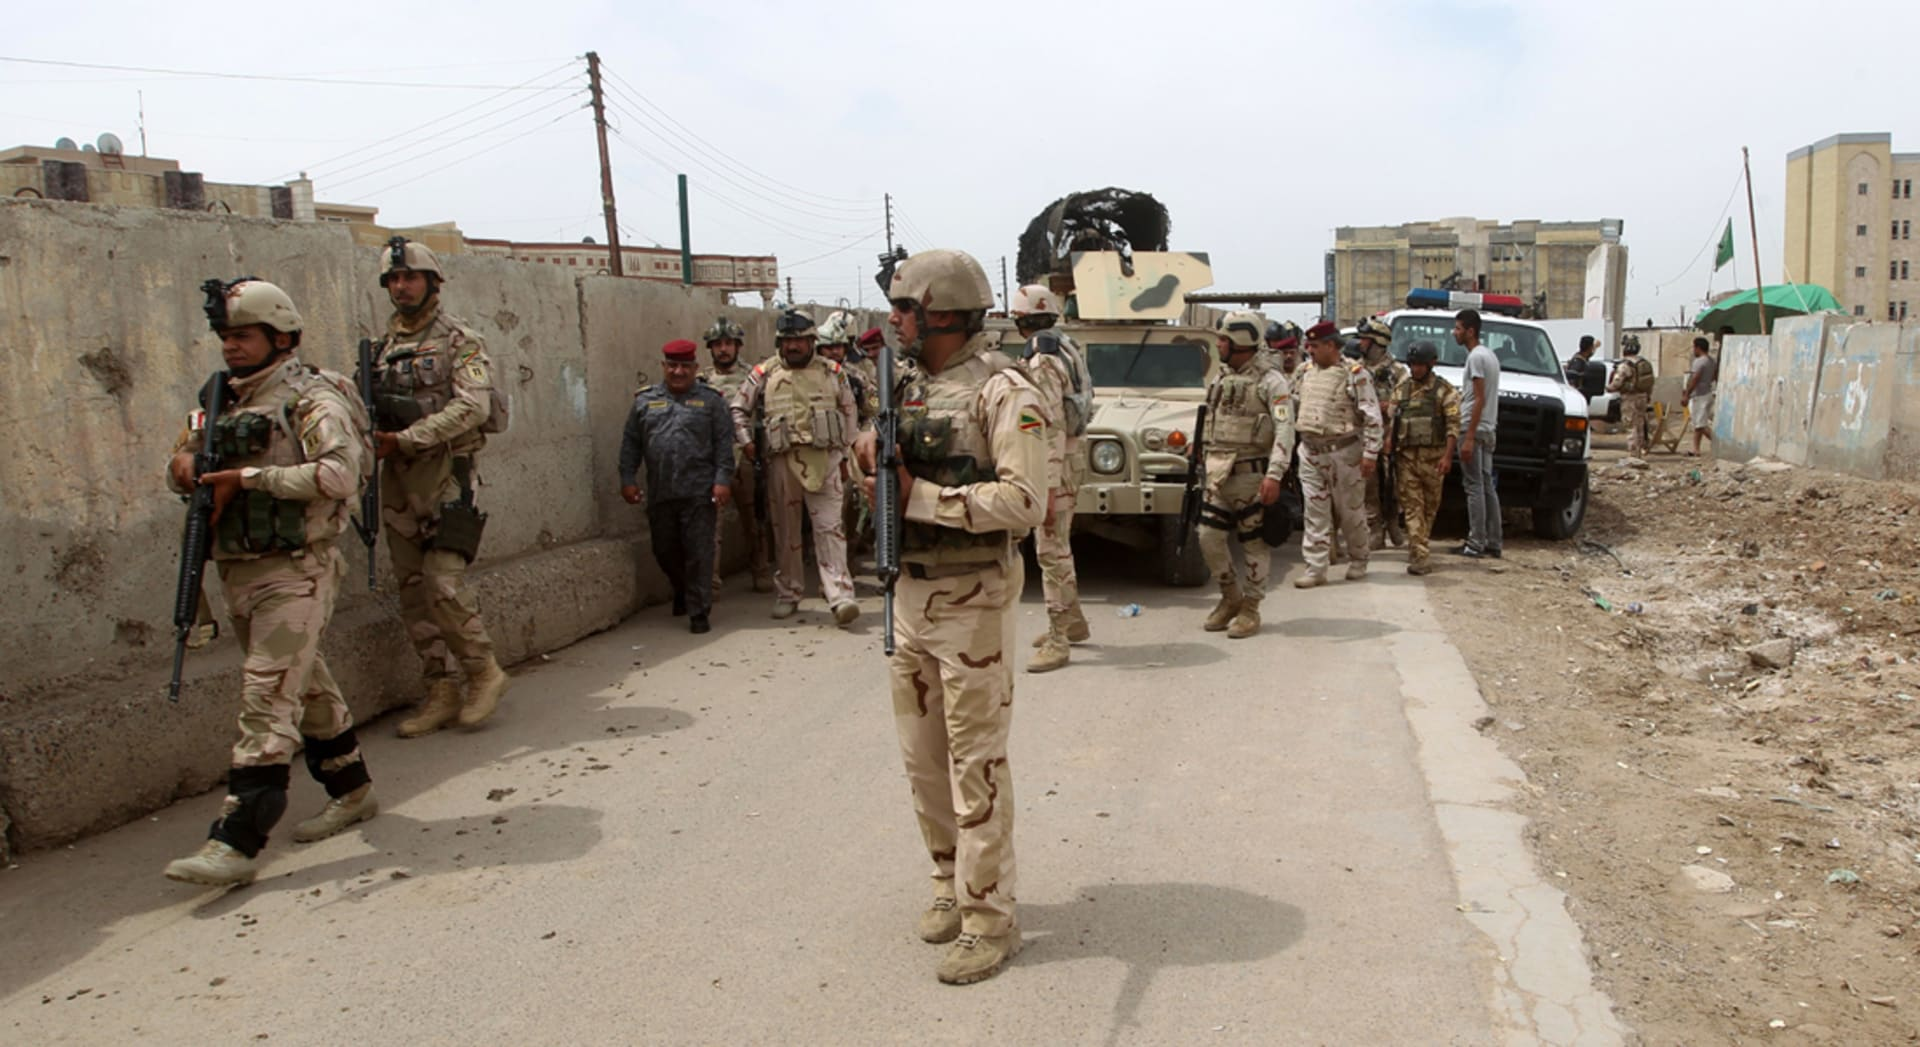 شاهد عيان: مقتل 15 شخصا وجرح 31 بغارة على سوق بمدينة القائم بالعراق